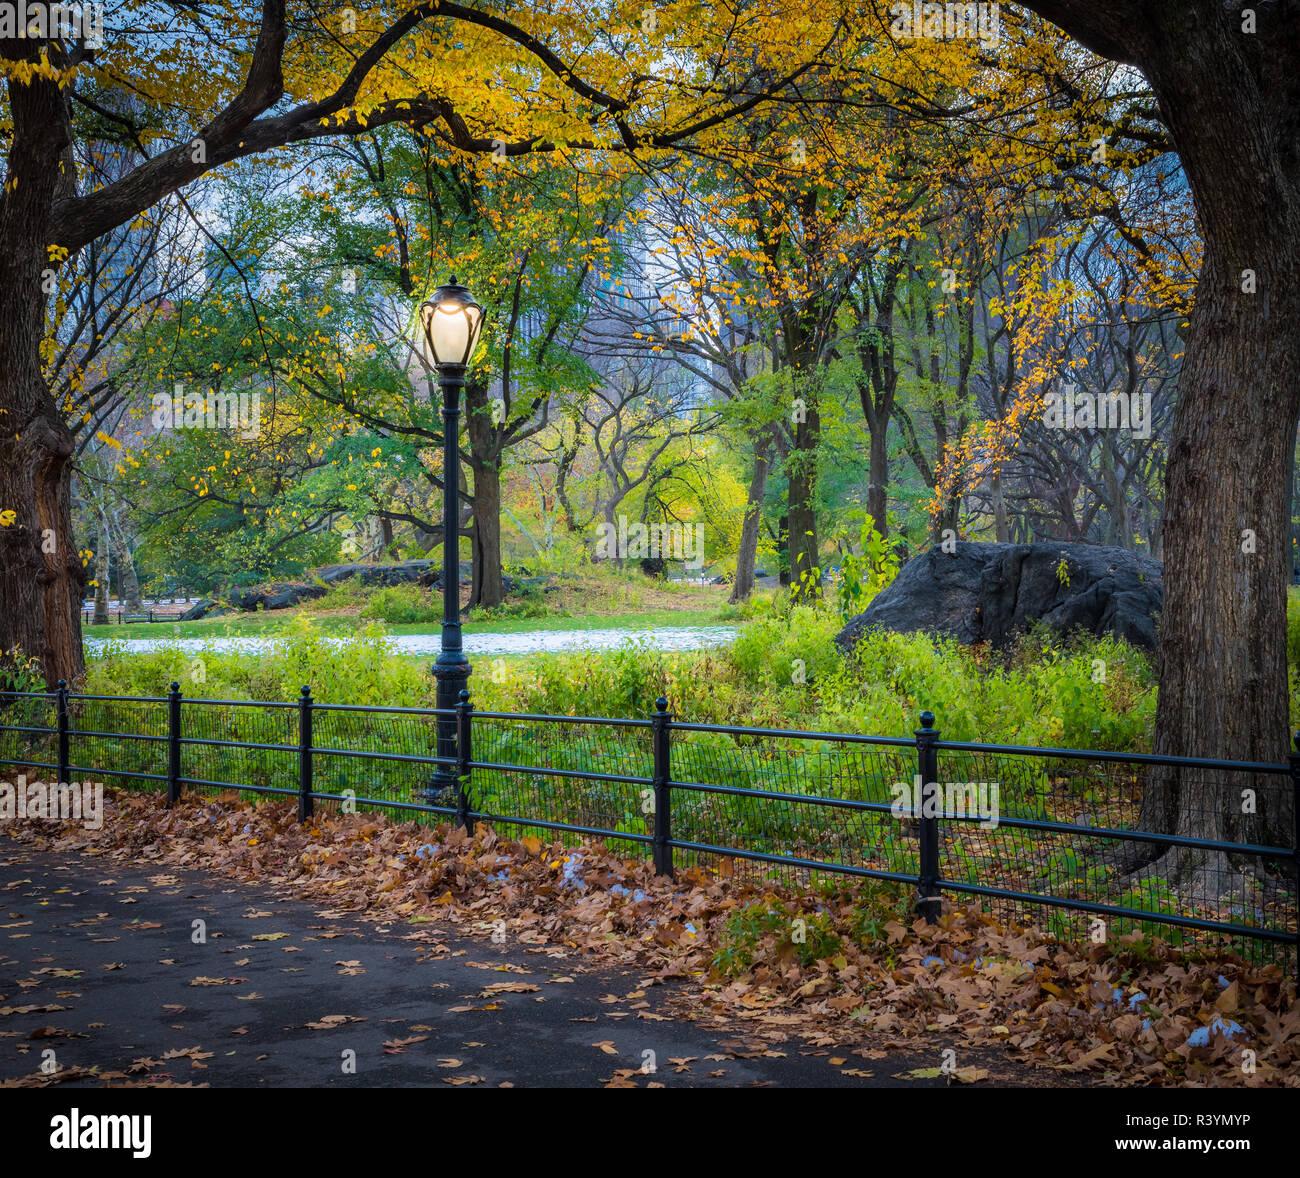 Bethesda Fountain et terrasse donnent sur le lac, à New York City's Central Park. La fontaine est situé dans le centre de la terrasse. Bethesda Terrac Banque D'Images